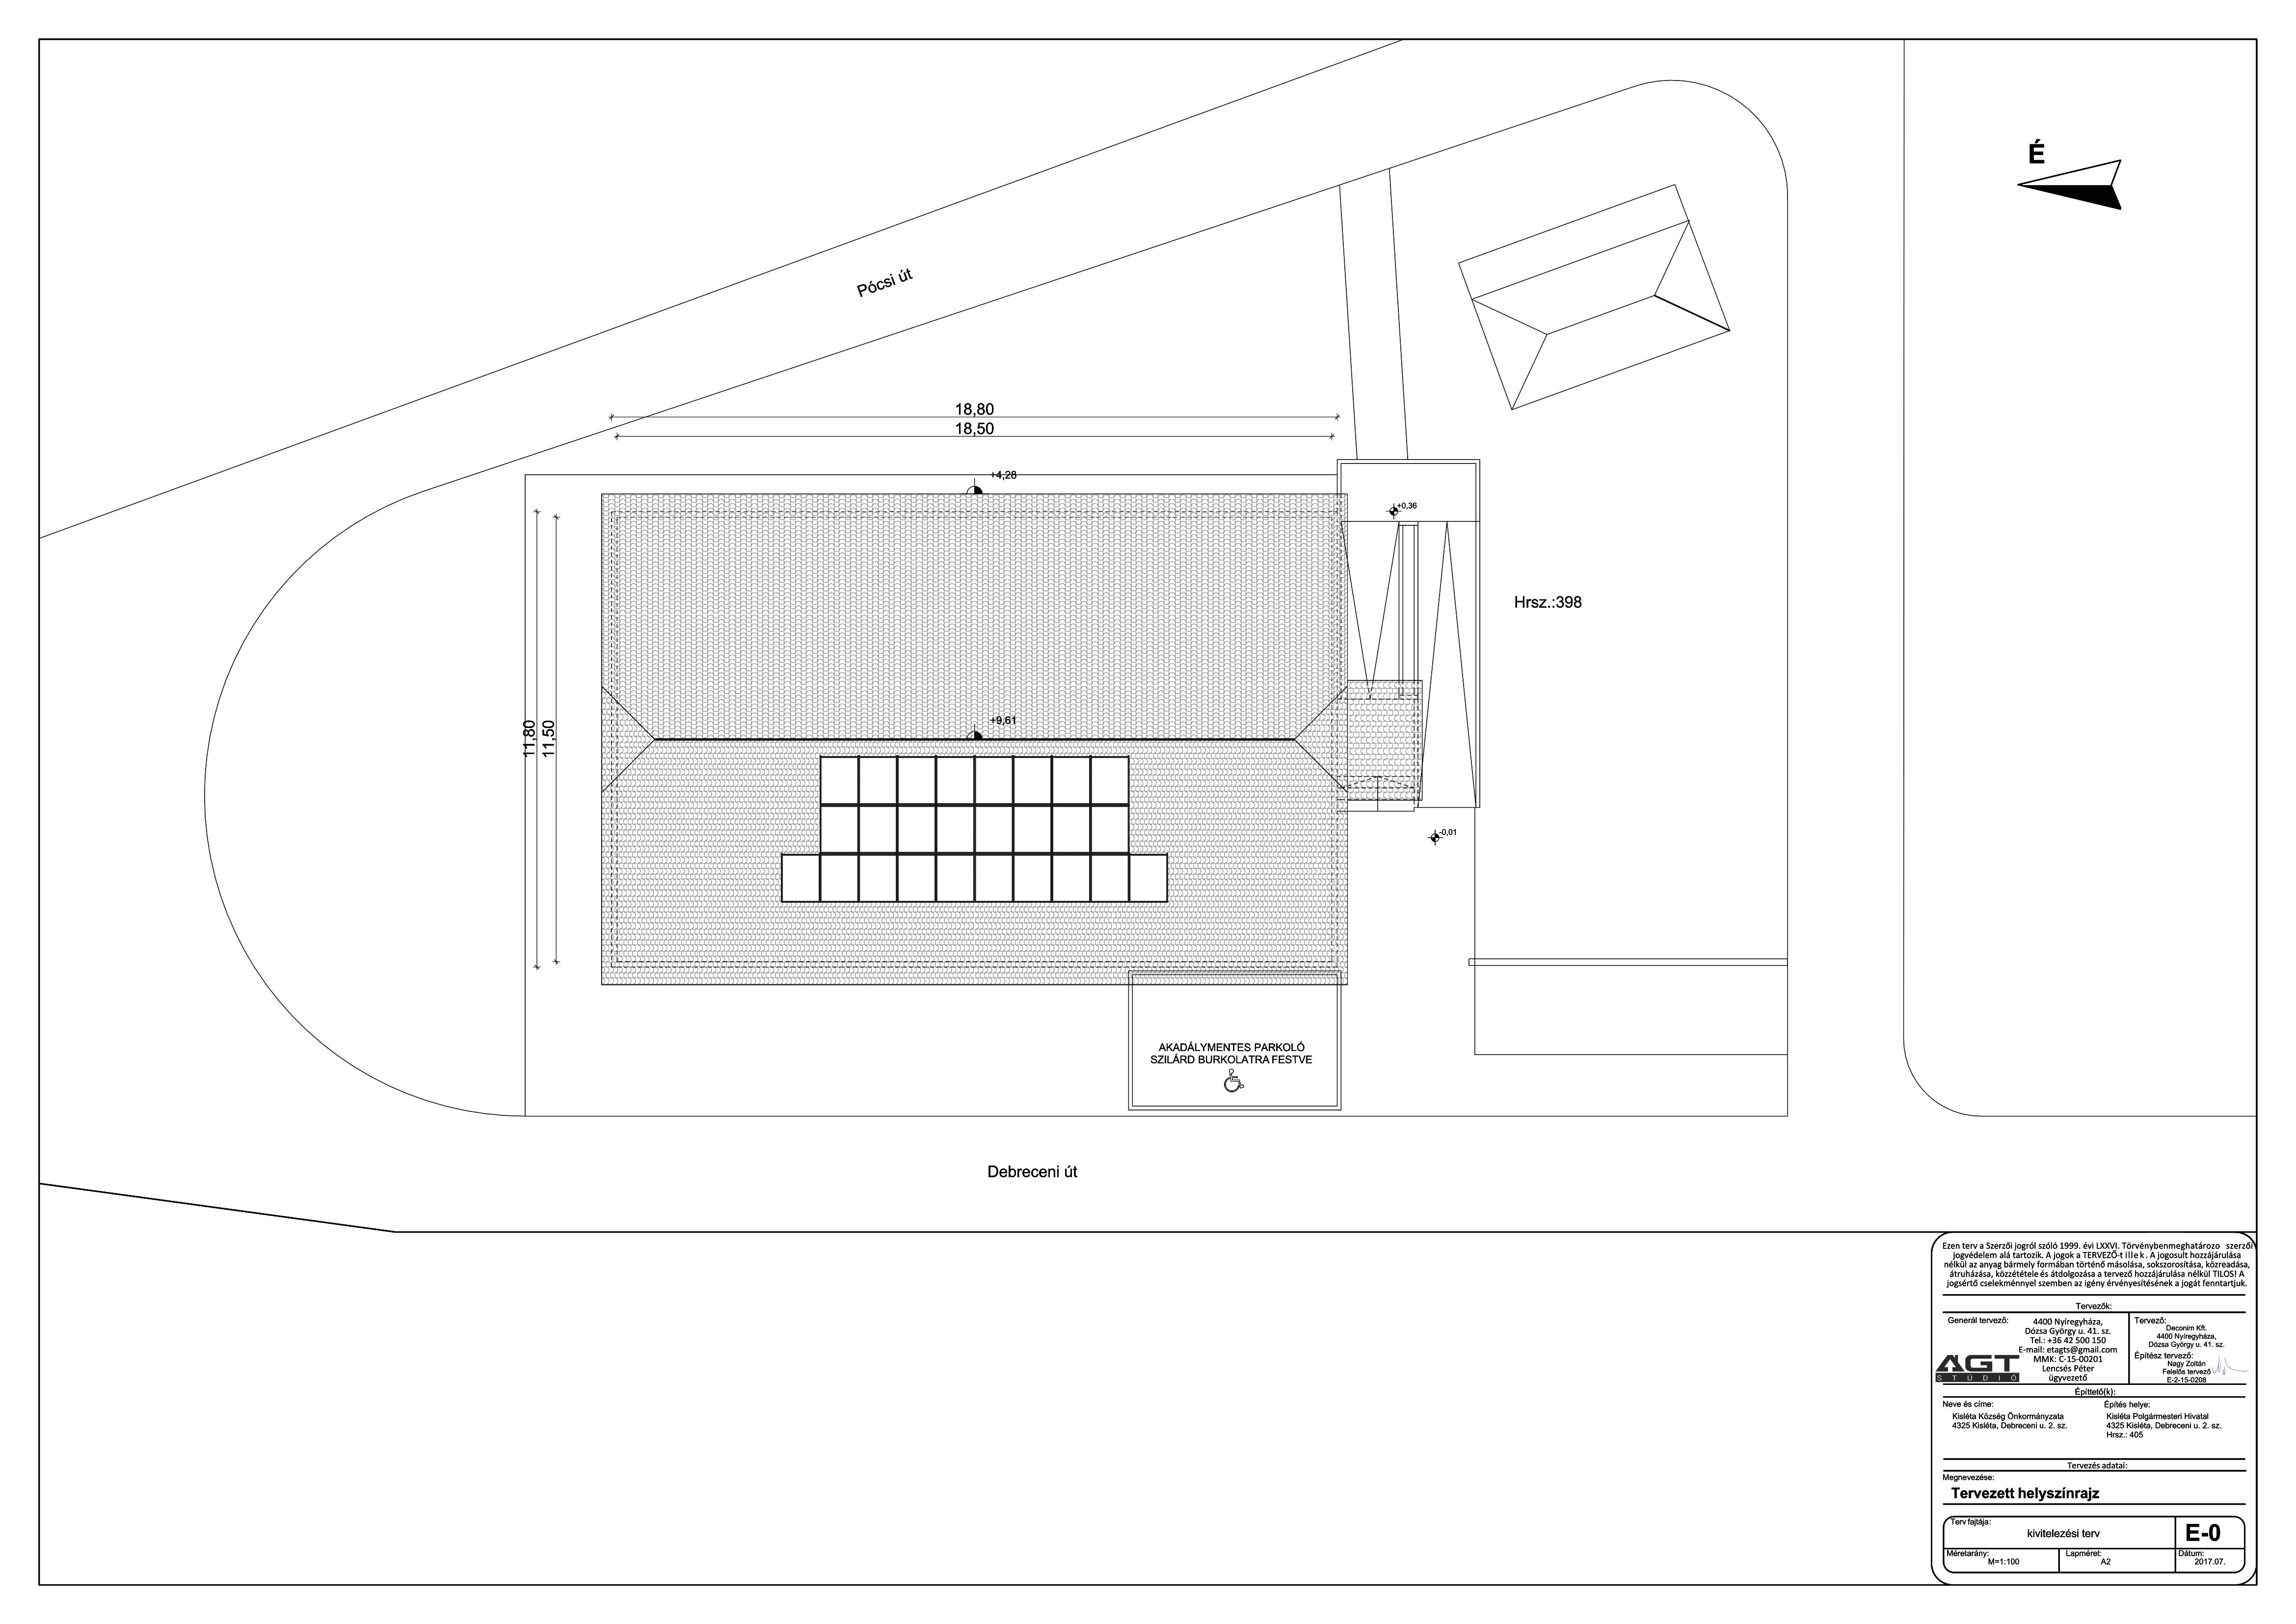 Polgármesteri Hivatal - Tervezett helyszínrajz